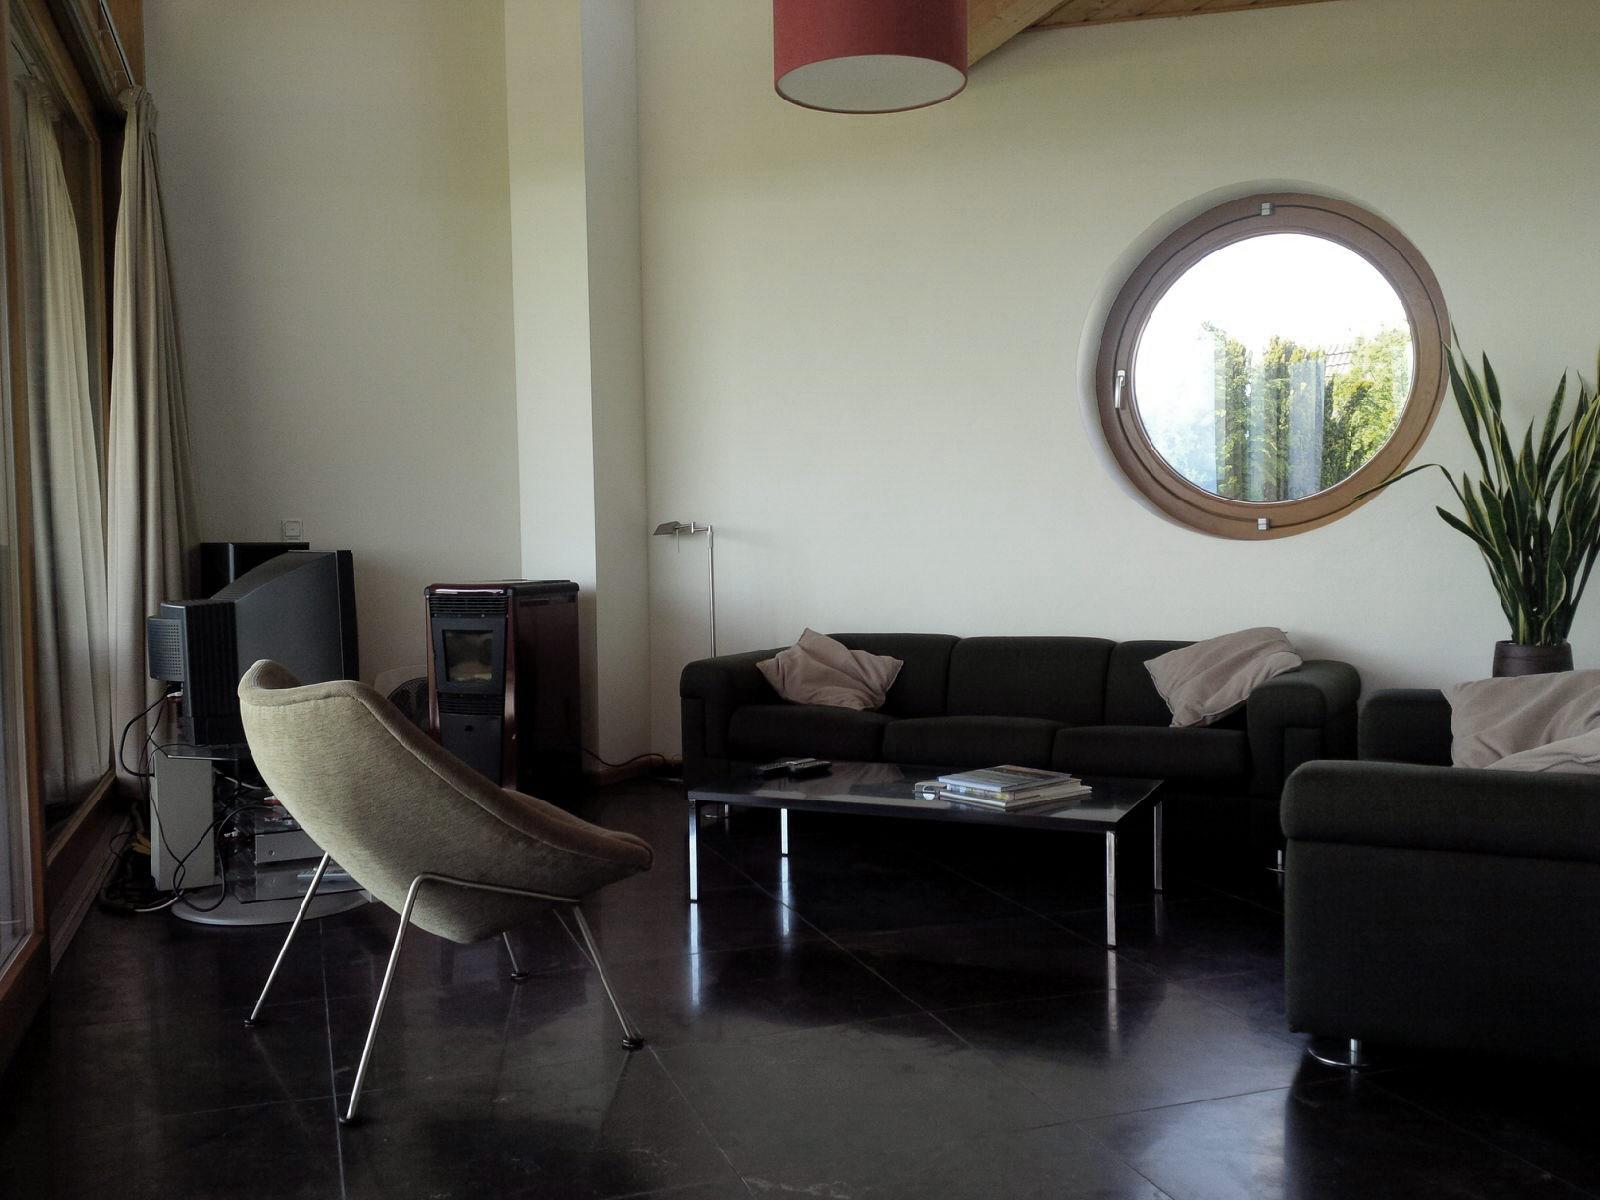 interieur-dijkhuis-04